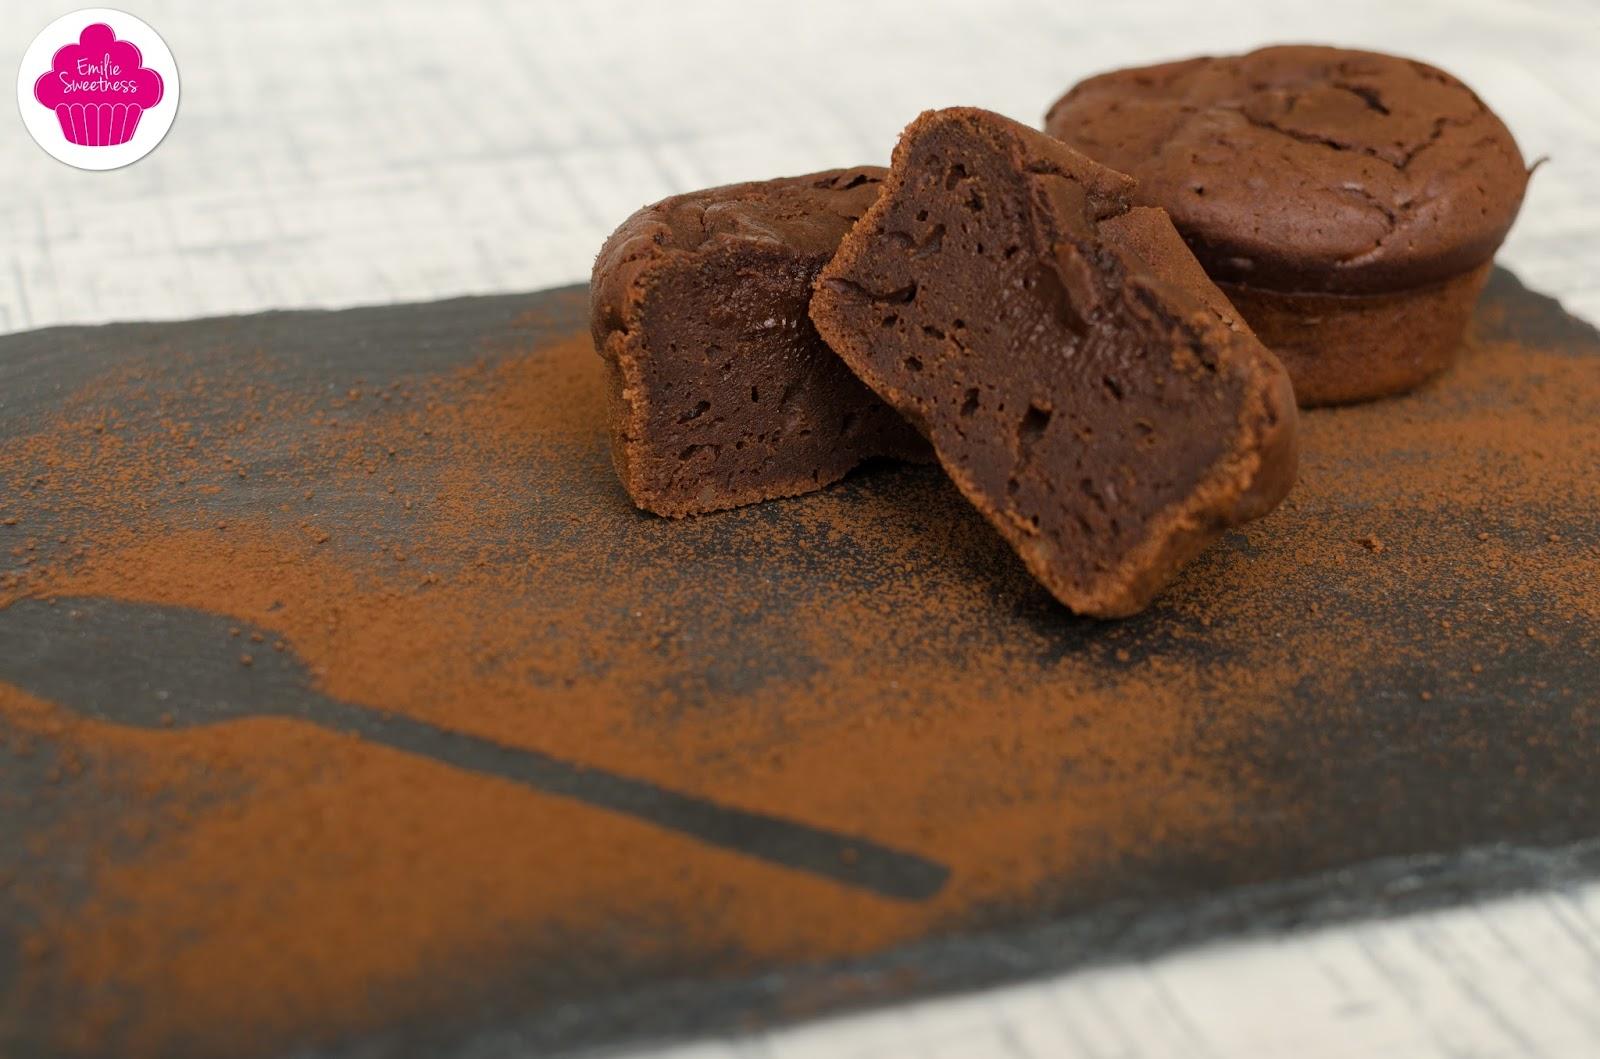 Emilie sweetness fondant au chocolat et la cr me de marrons - Fondant chocolat creme de marron ...